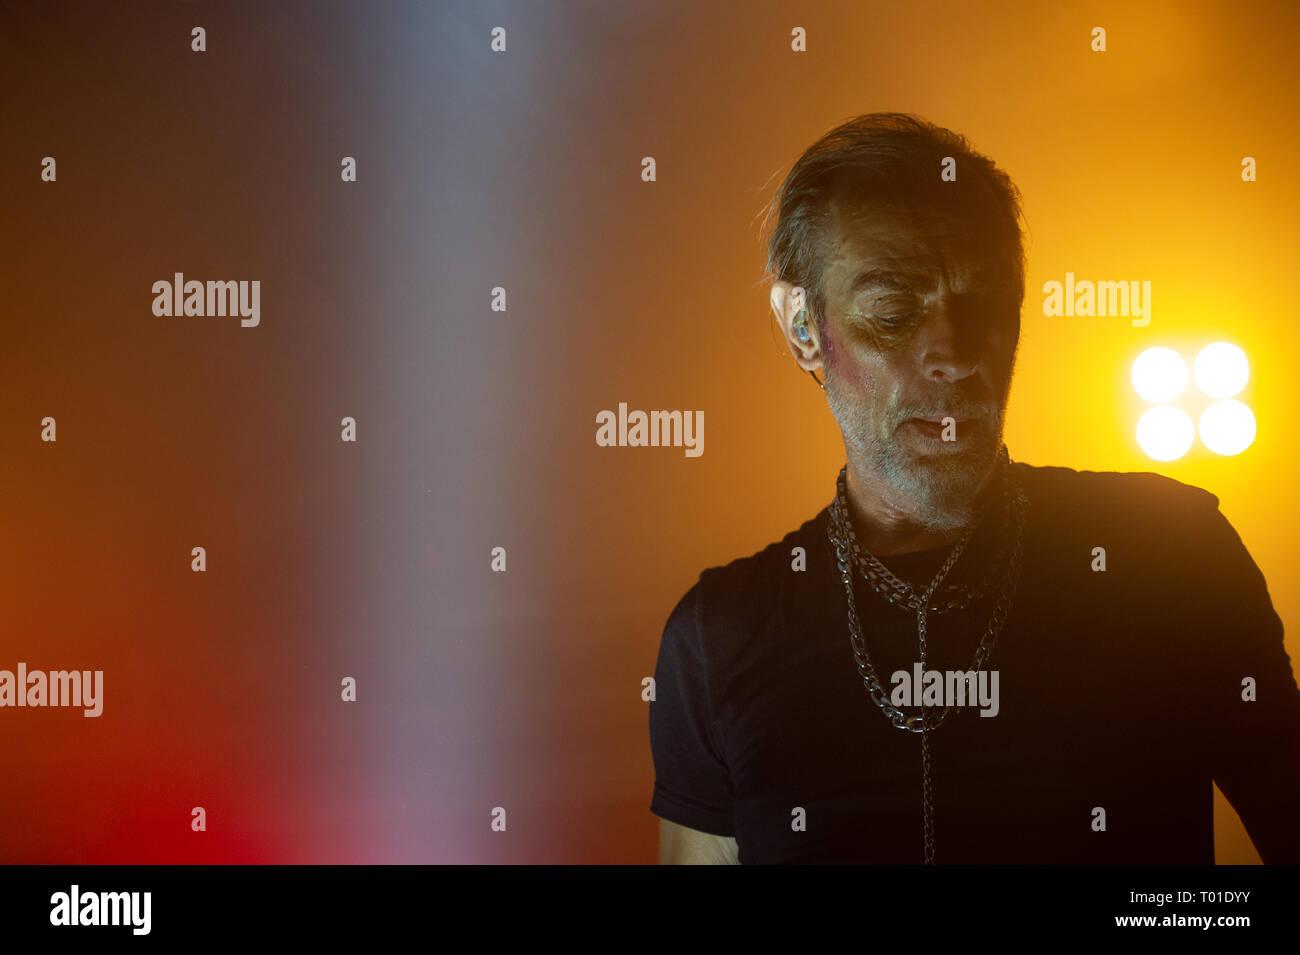 Peter Murphy, cantante e leader di inglese 80's dark rock band Bauhaus. in concerto presso Orion Club, a Ciampino (Roma, Italia, 21-11-2018 Immagini Stock